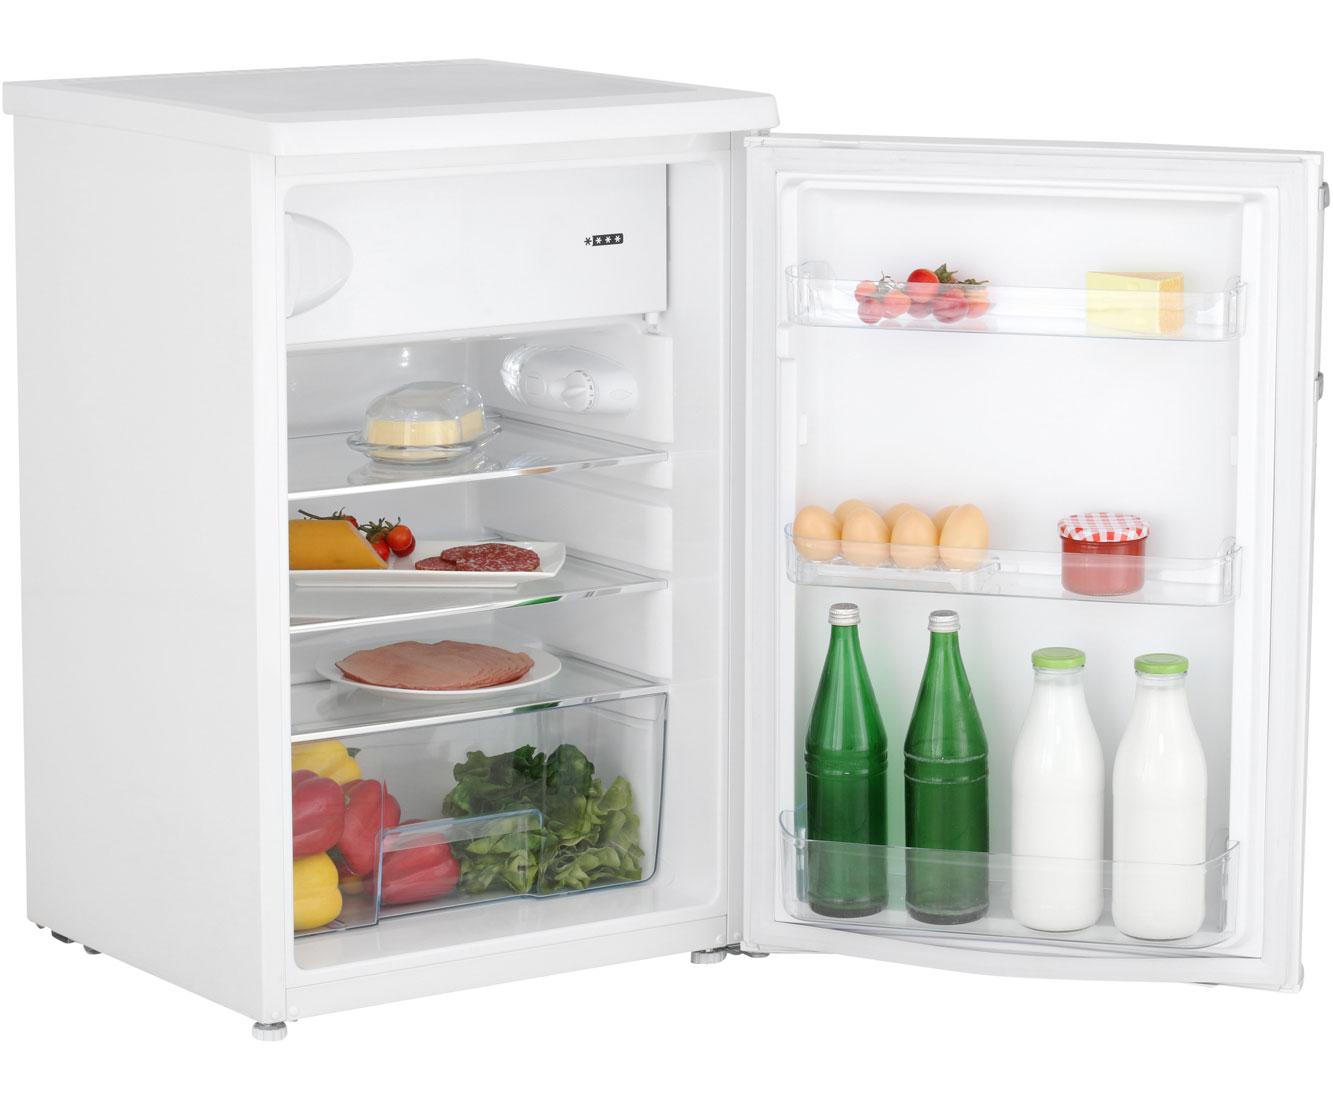 Kleiner Kühlschrank Bosch : Kleiner leiser kühlschrank: kundenbewertungen amica uks kühlschrank